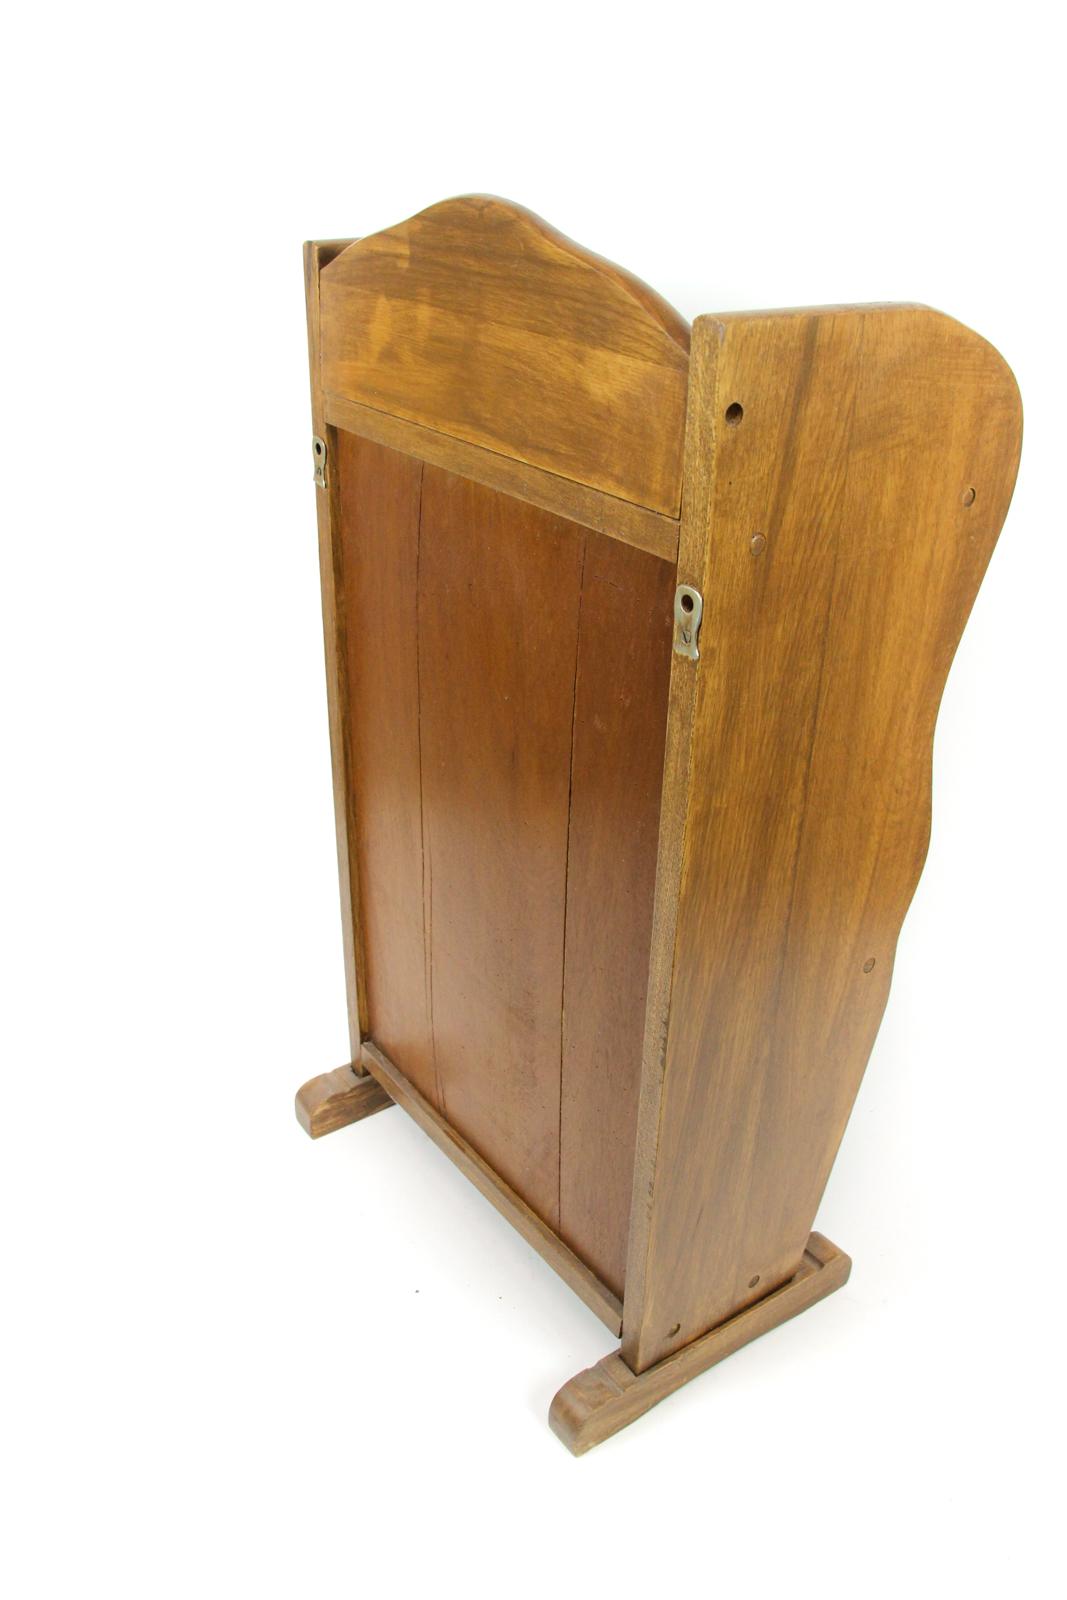 zeitungsst nder rustikal holz massiv ablagefl che zeitungs ablage telefon tisch ebay. Black Bedroom Furniture Sets. Home Design Ideas